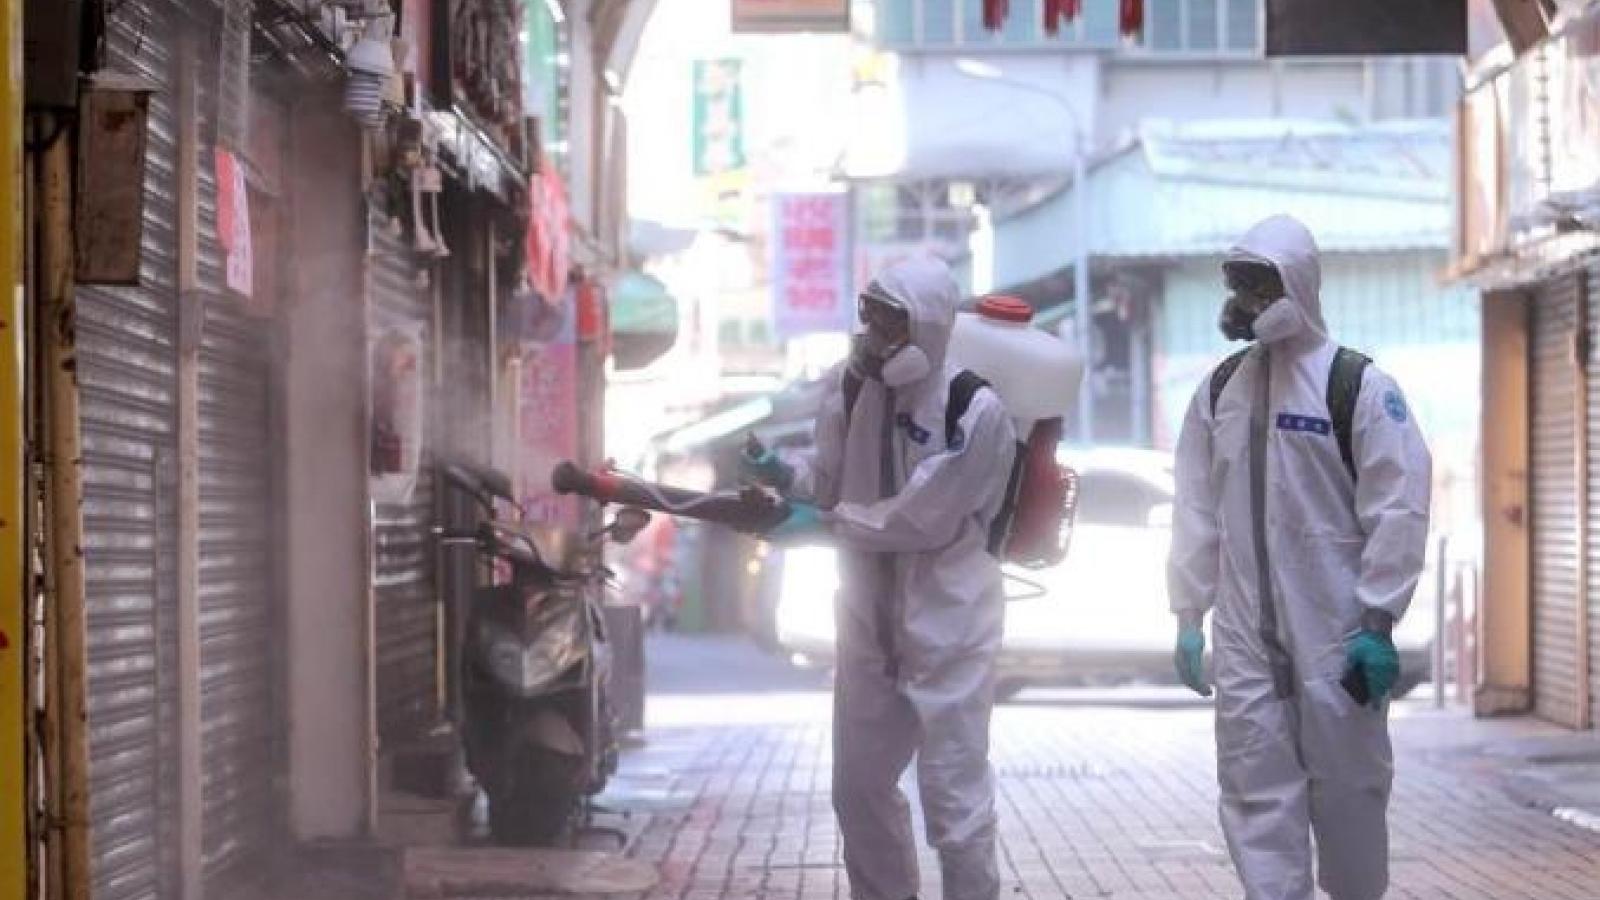 Đài Loan (Trung Quốc) lại ghi nhận hơn 300 ca Covid-19 trong ngày